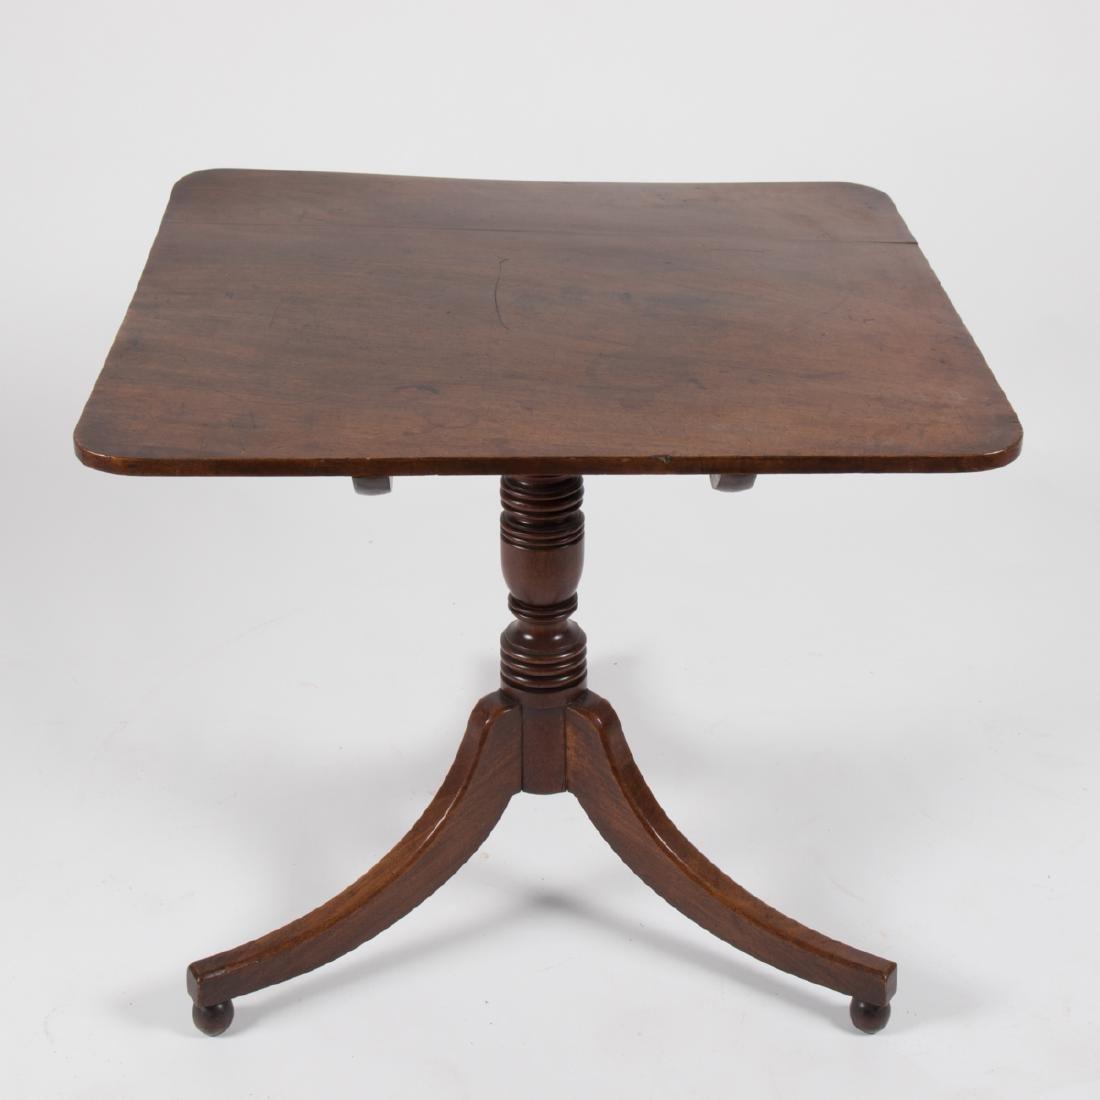 An American Federal Mahogany Tilt Top Table, ca. 1800,